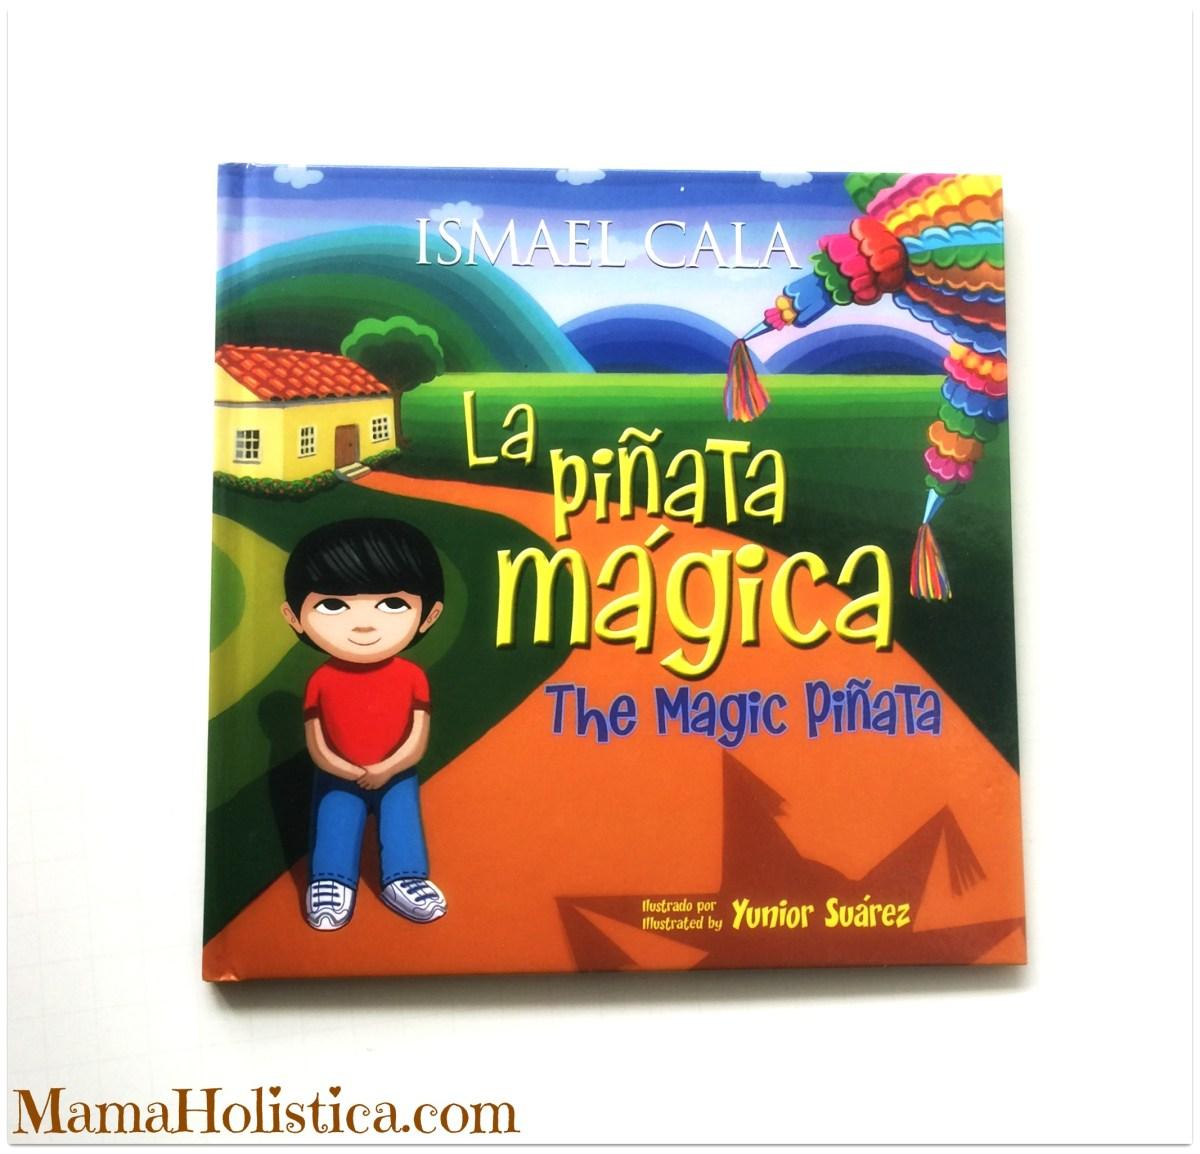 """Nuevo Libro Bilingüe para Niños """"La Piñata Mágica"""" de Ismael Cala. Sorteo."""